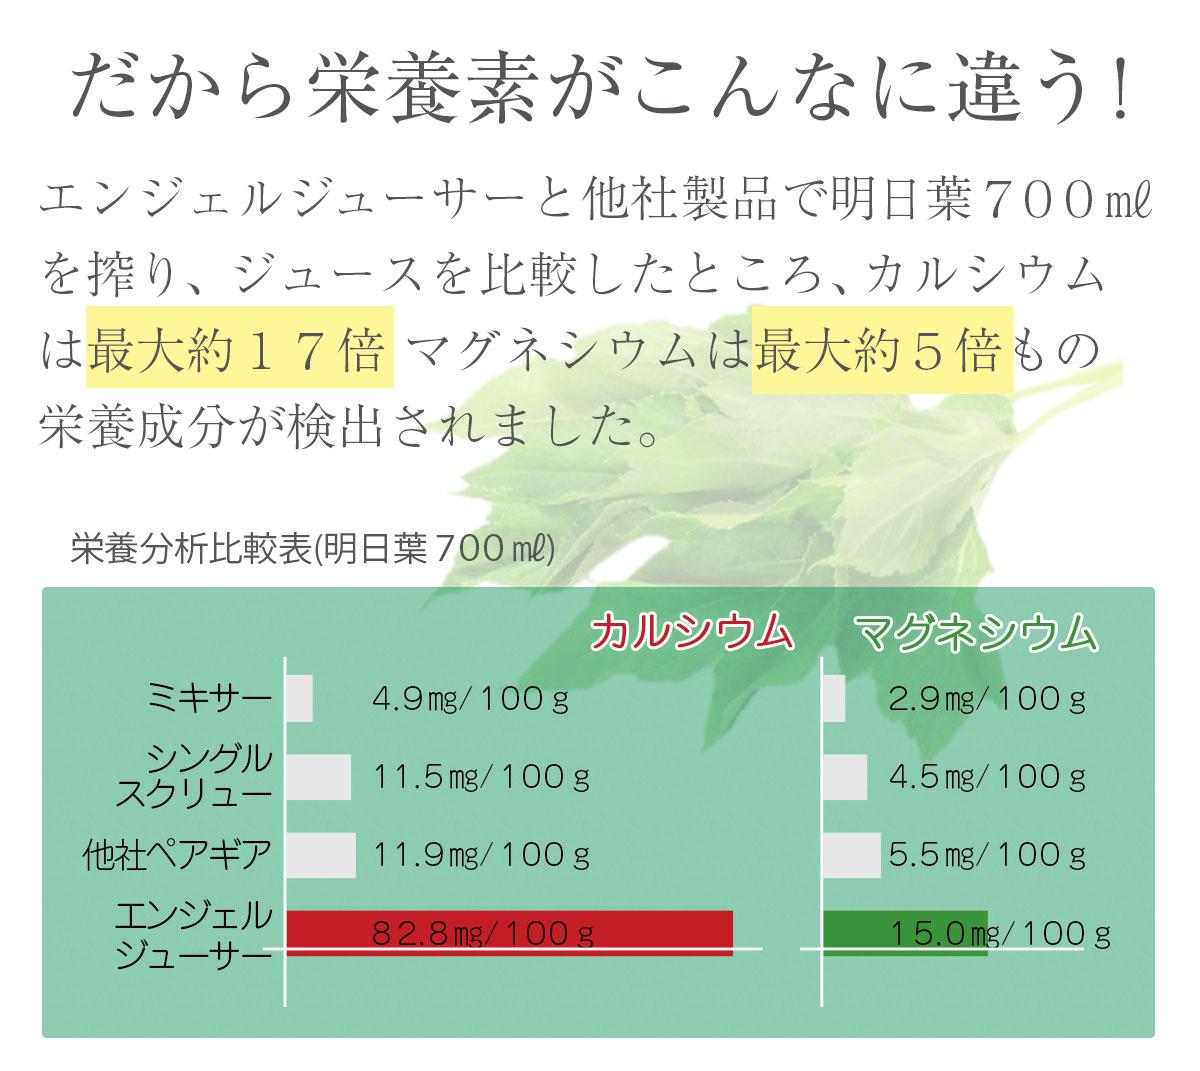 エンジェルジューサー 1台【AG7500】【送料無料】【スロージューサー】【ANGEL】【低速ジューサー】